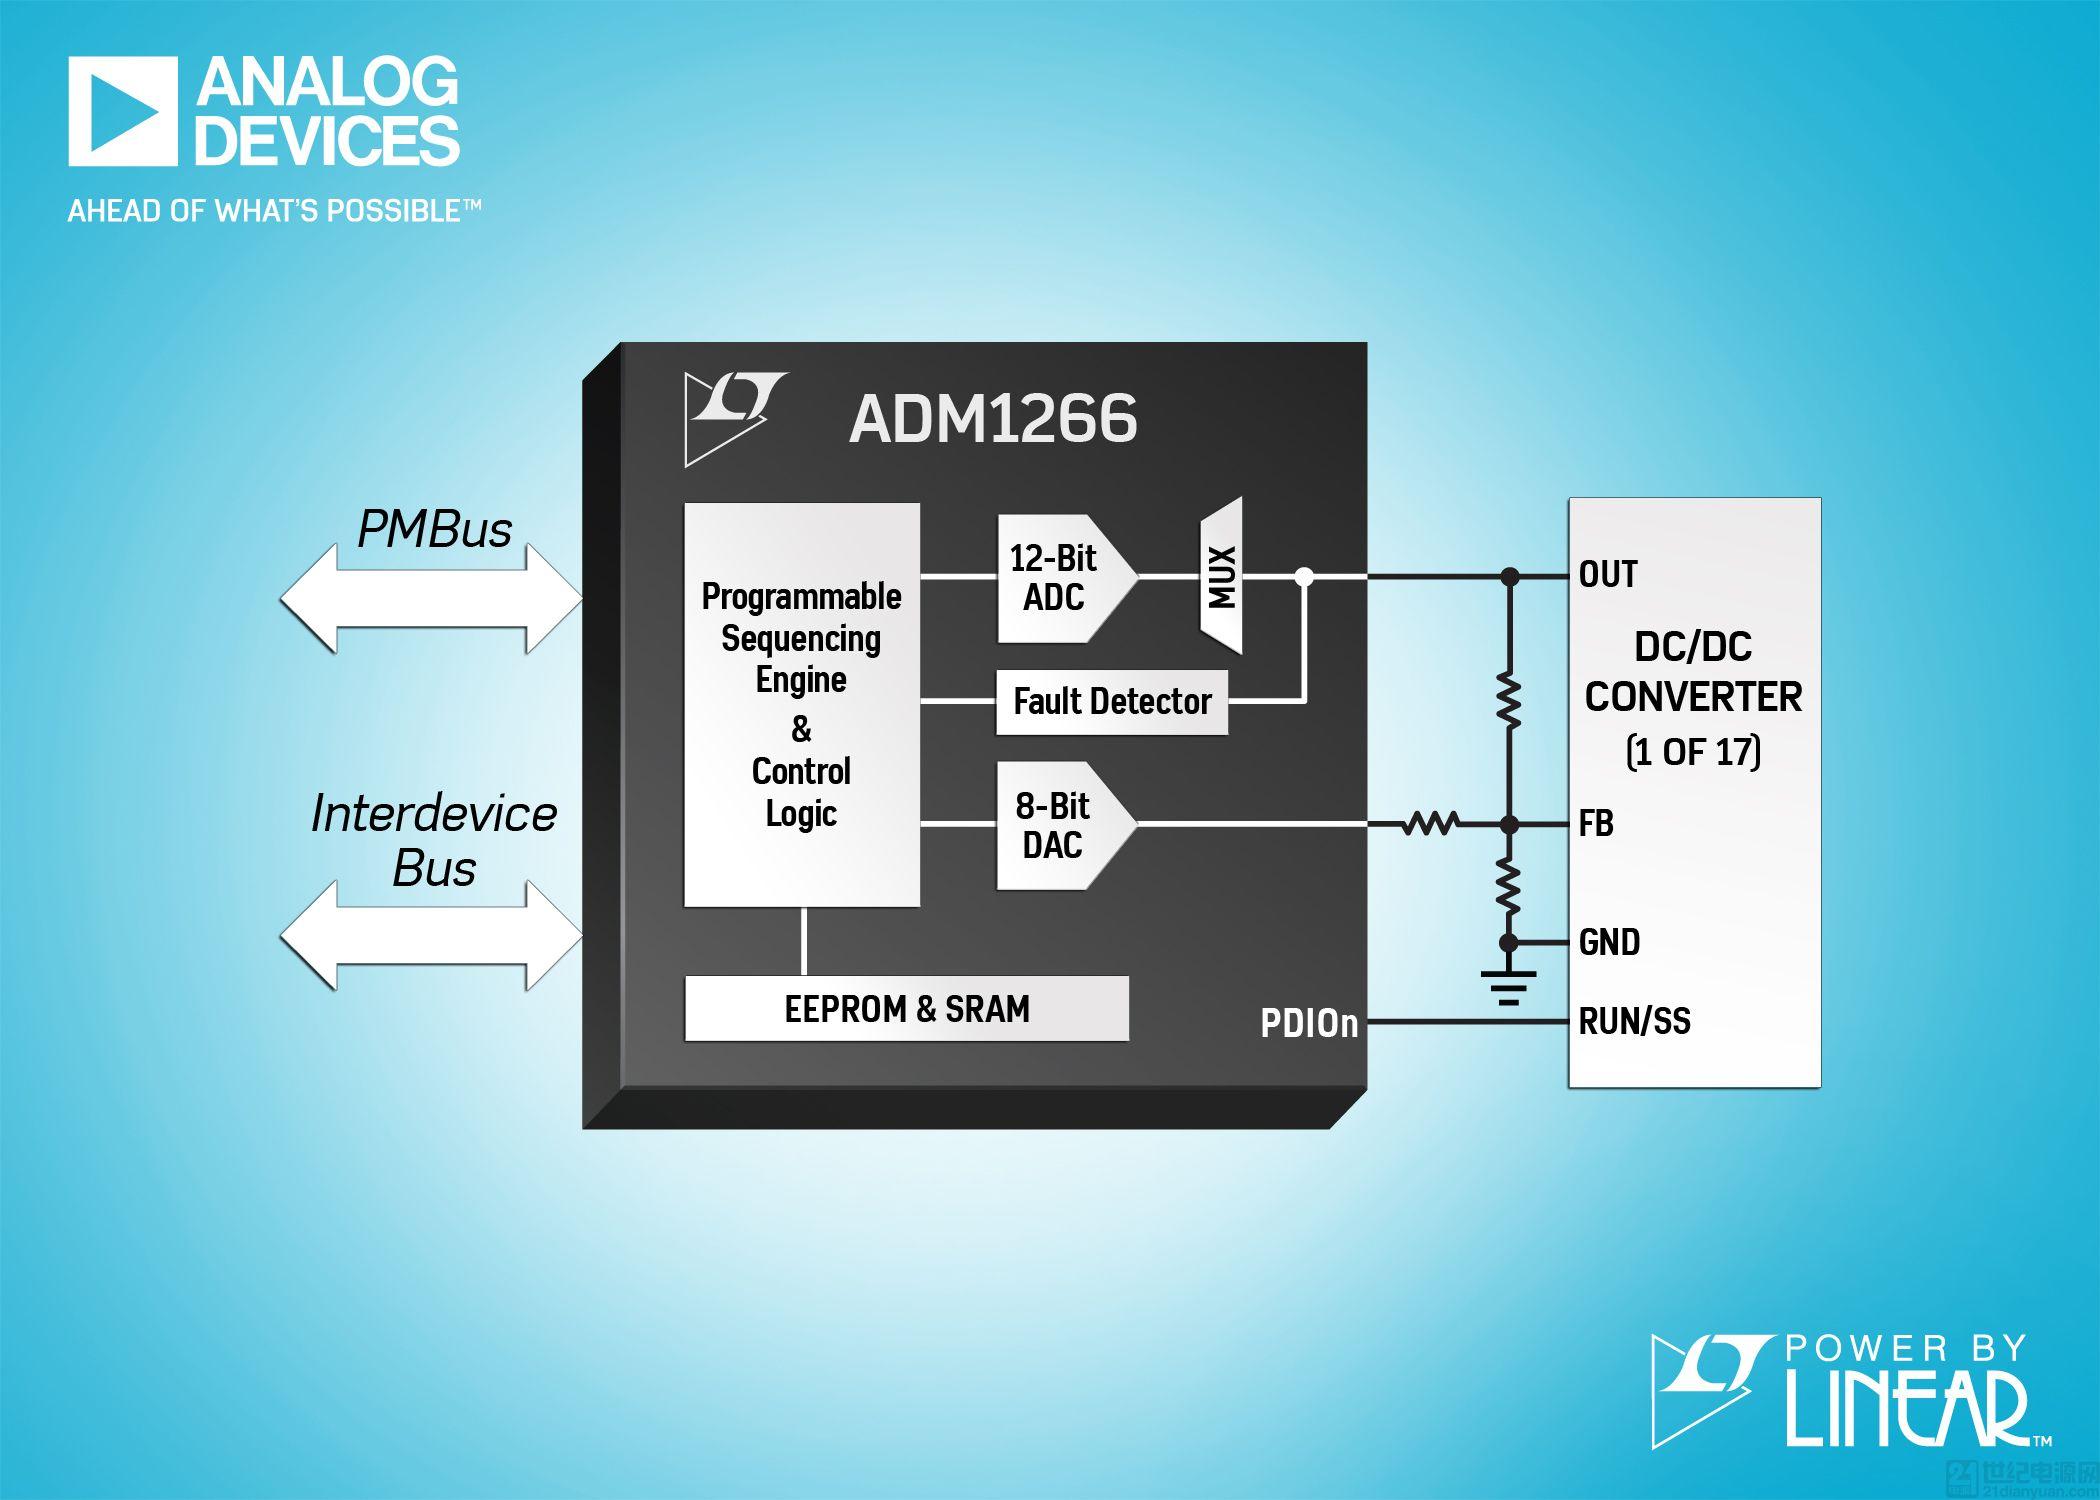 高度可编程超级时序控制器简化多轨电源系统管理